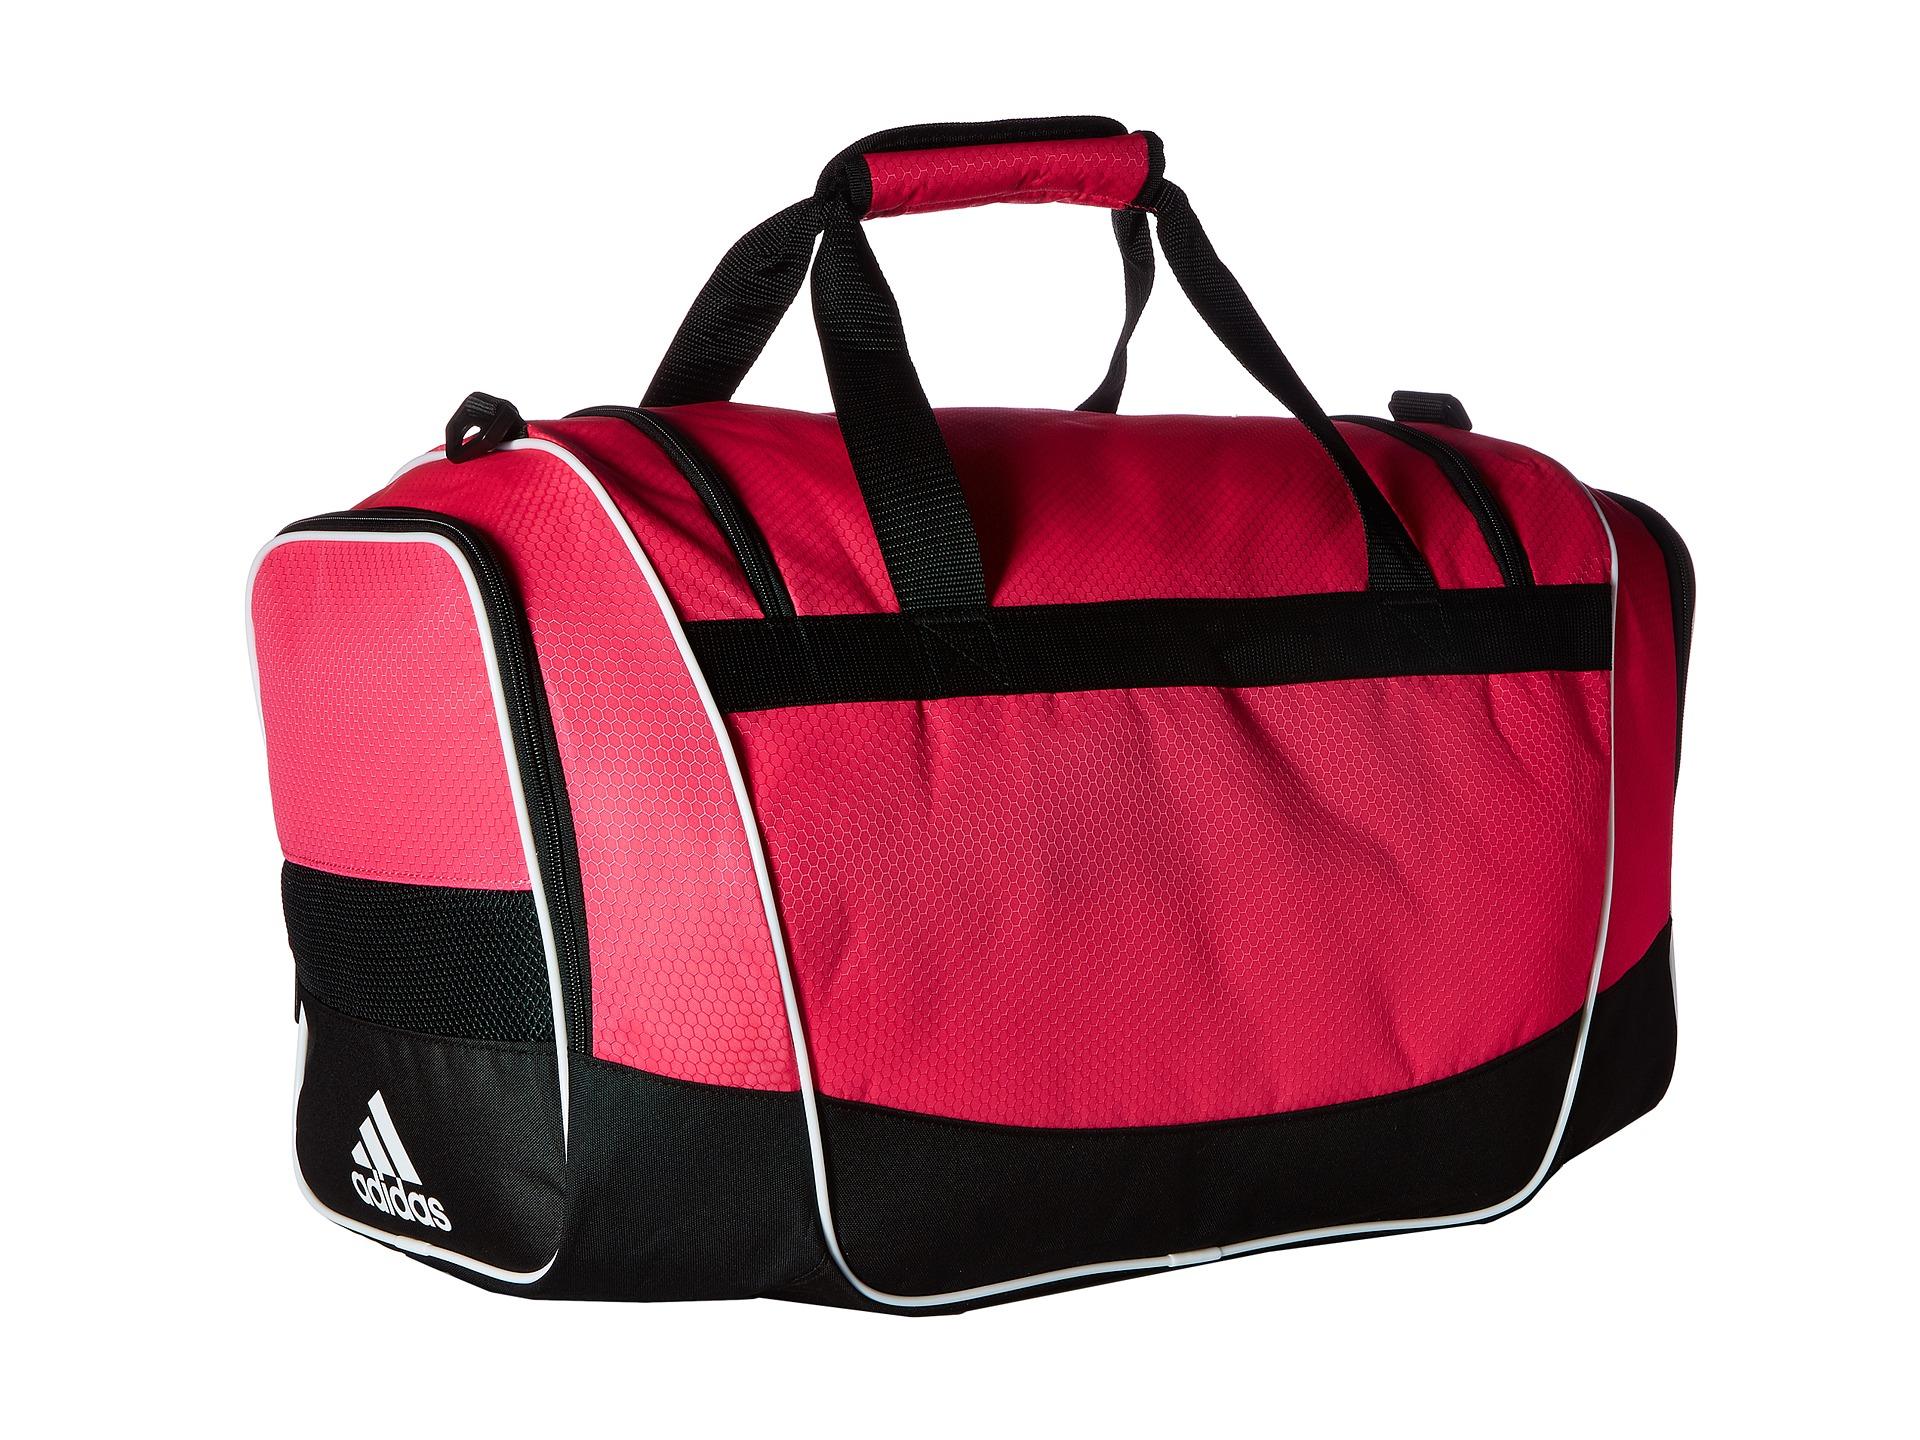 3bba1f0fedc5 Buy adidas soccer duffel bag   OFF44% Discounted